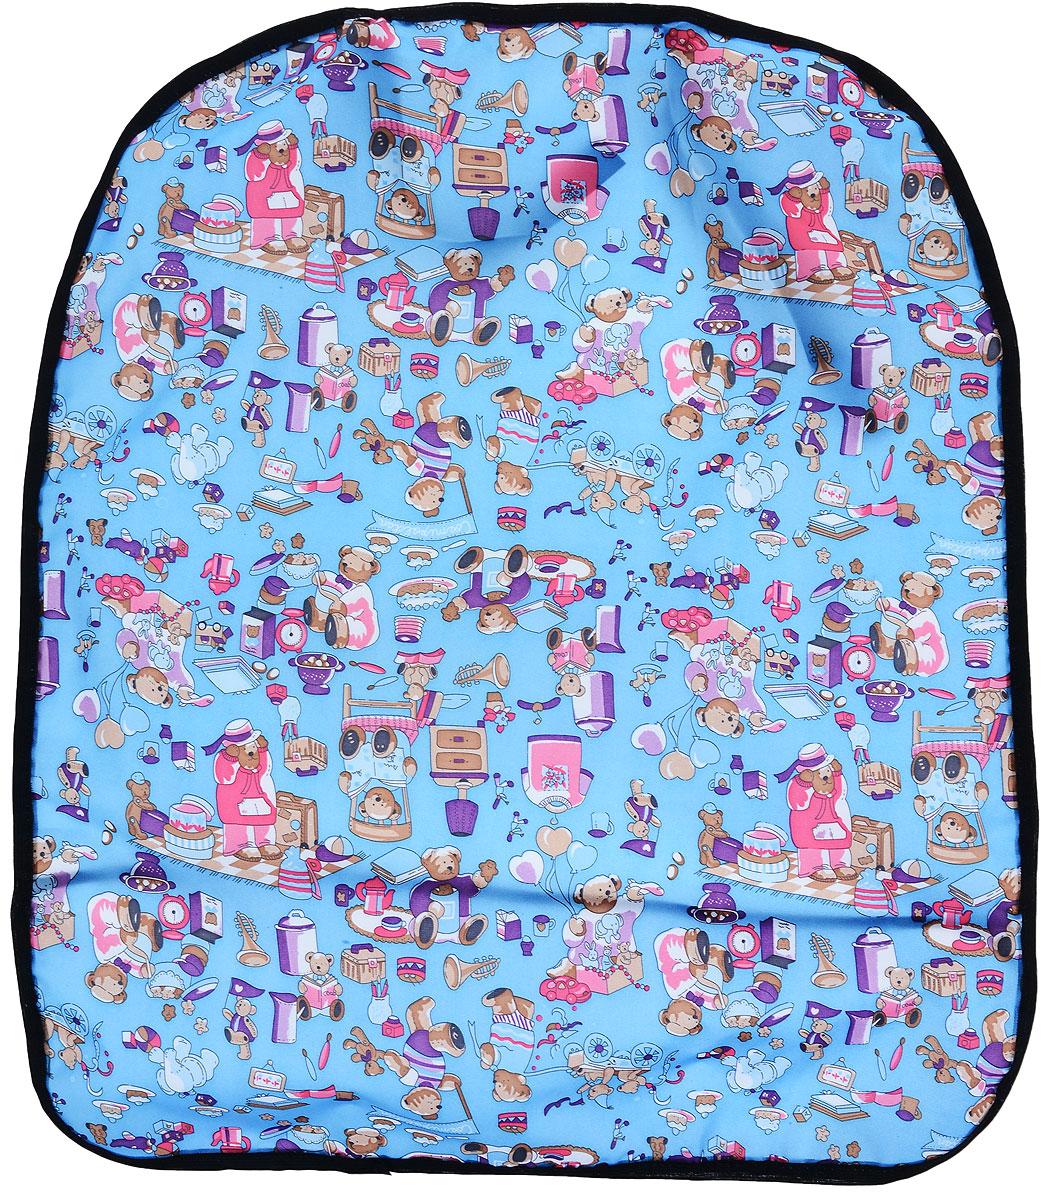 Накидка защитная на спинку сиденья Zipower, для мальчиков, 60 х 45 см. PM 6263PM 6263_синий/мишкиНакидка Zipower защищает спинку сиденья от грязной обуви ребенка и последствий детских шалостей. Отталкивает воду и грязь, легко моется. Легко надевается и снимается. Понравится ребенку благодаря яркой расцветки.